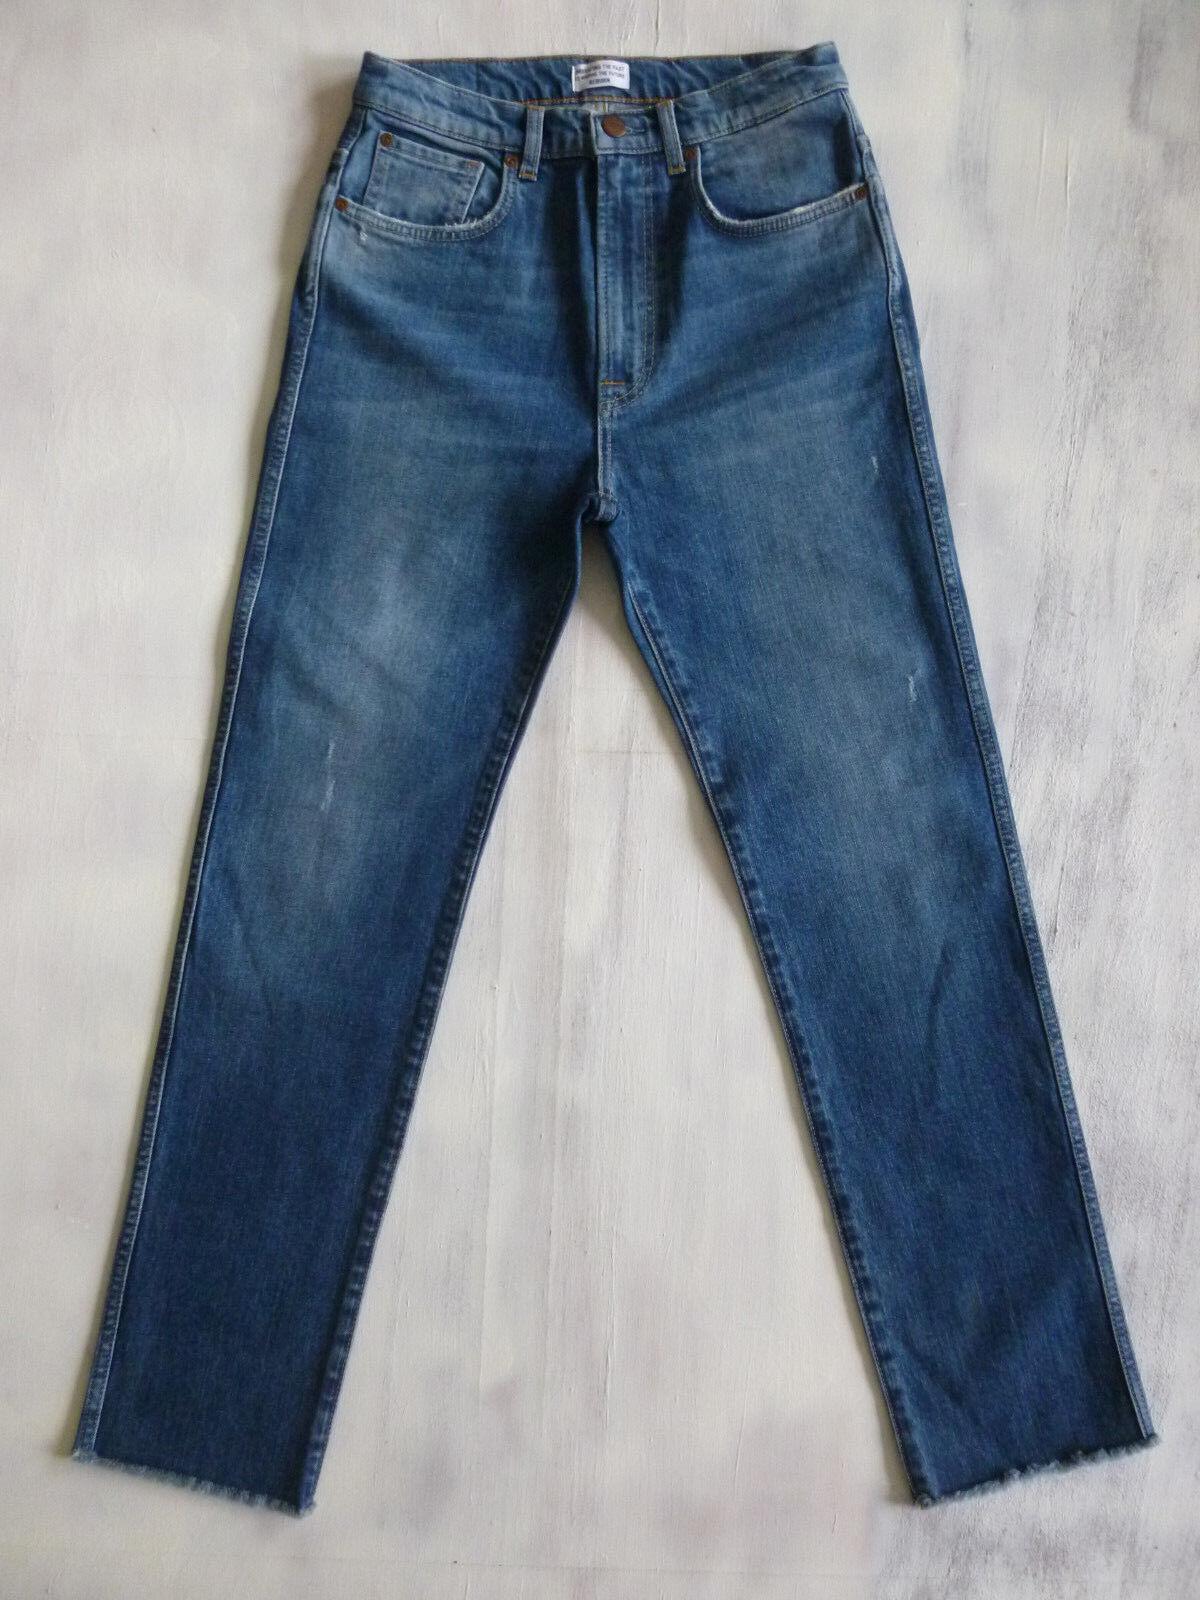 Pepe London REBORN BETTY 84 slim leg high-waist Jeans Hose Gr 34-36 W27 L28 Neu   Schönes Design    Sehr gute Farbe    Fein Verarbeitet    Diversified In Packaging    Überlegen